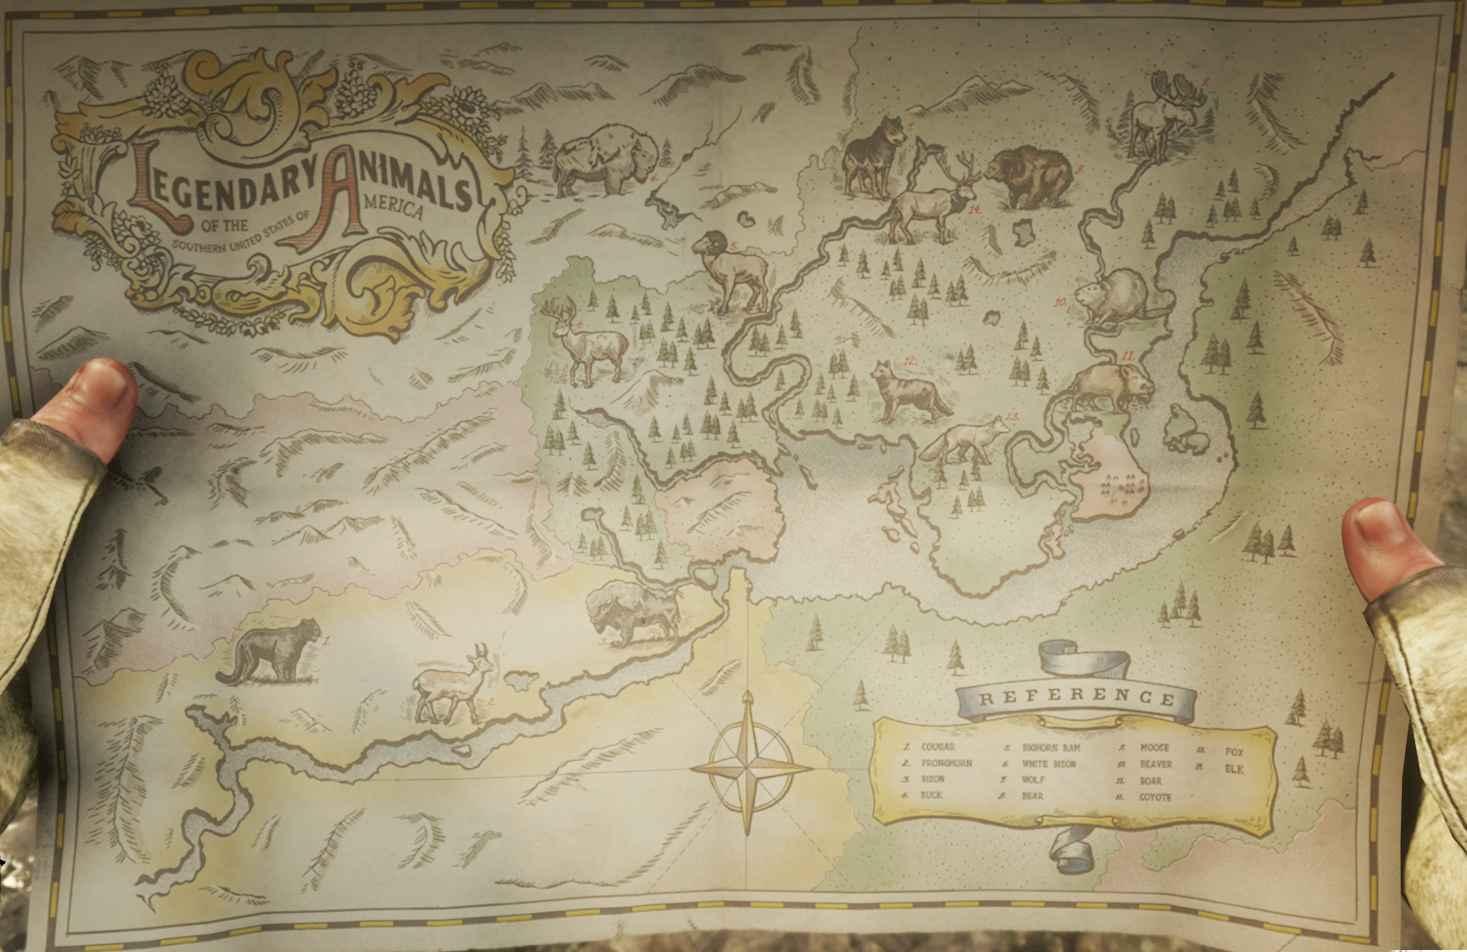 RDR2 Animali Leggendari Mappa - Red Dead Redemption 2, dove trovare tutti gli animali leggendari